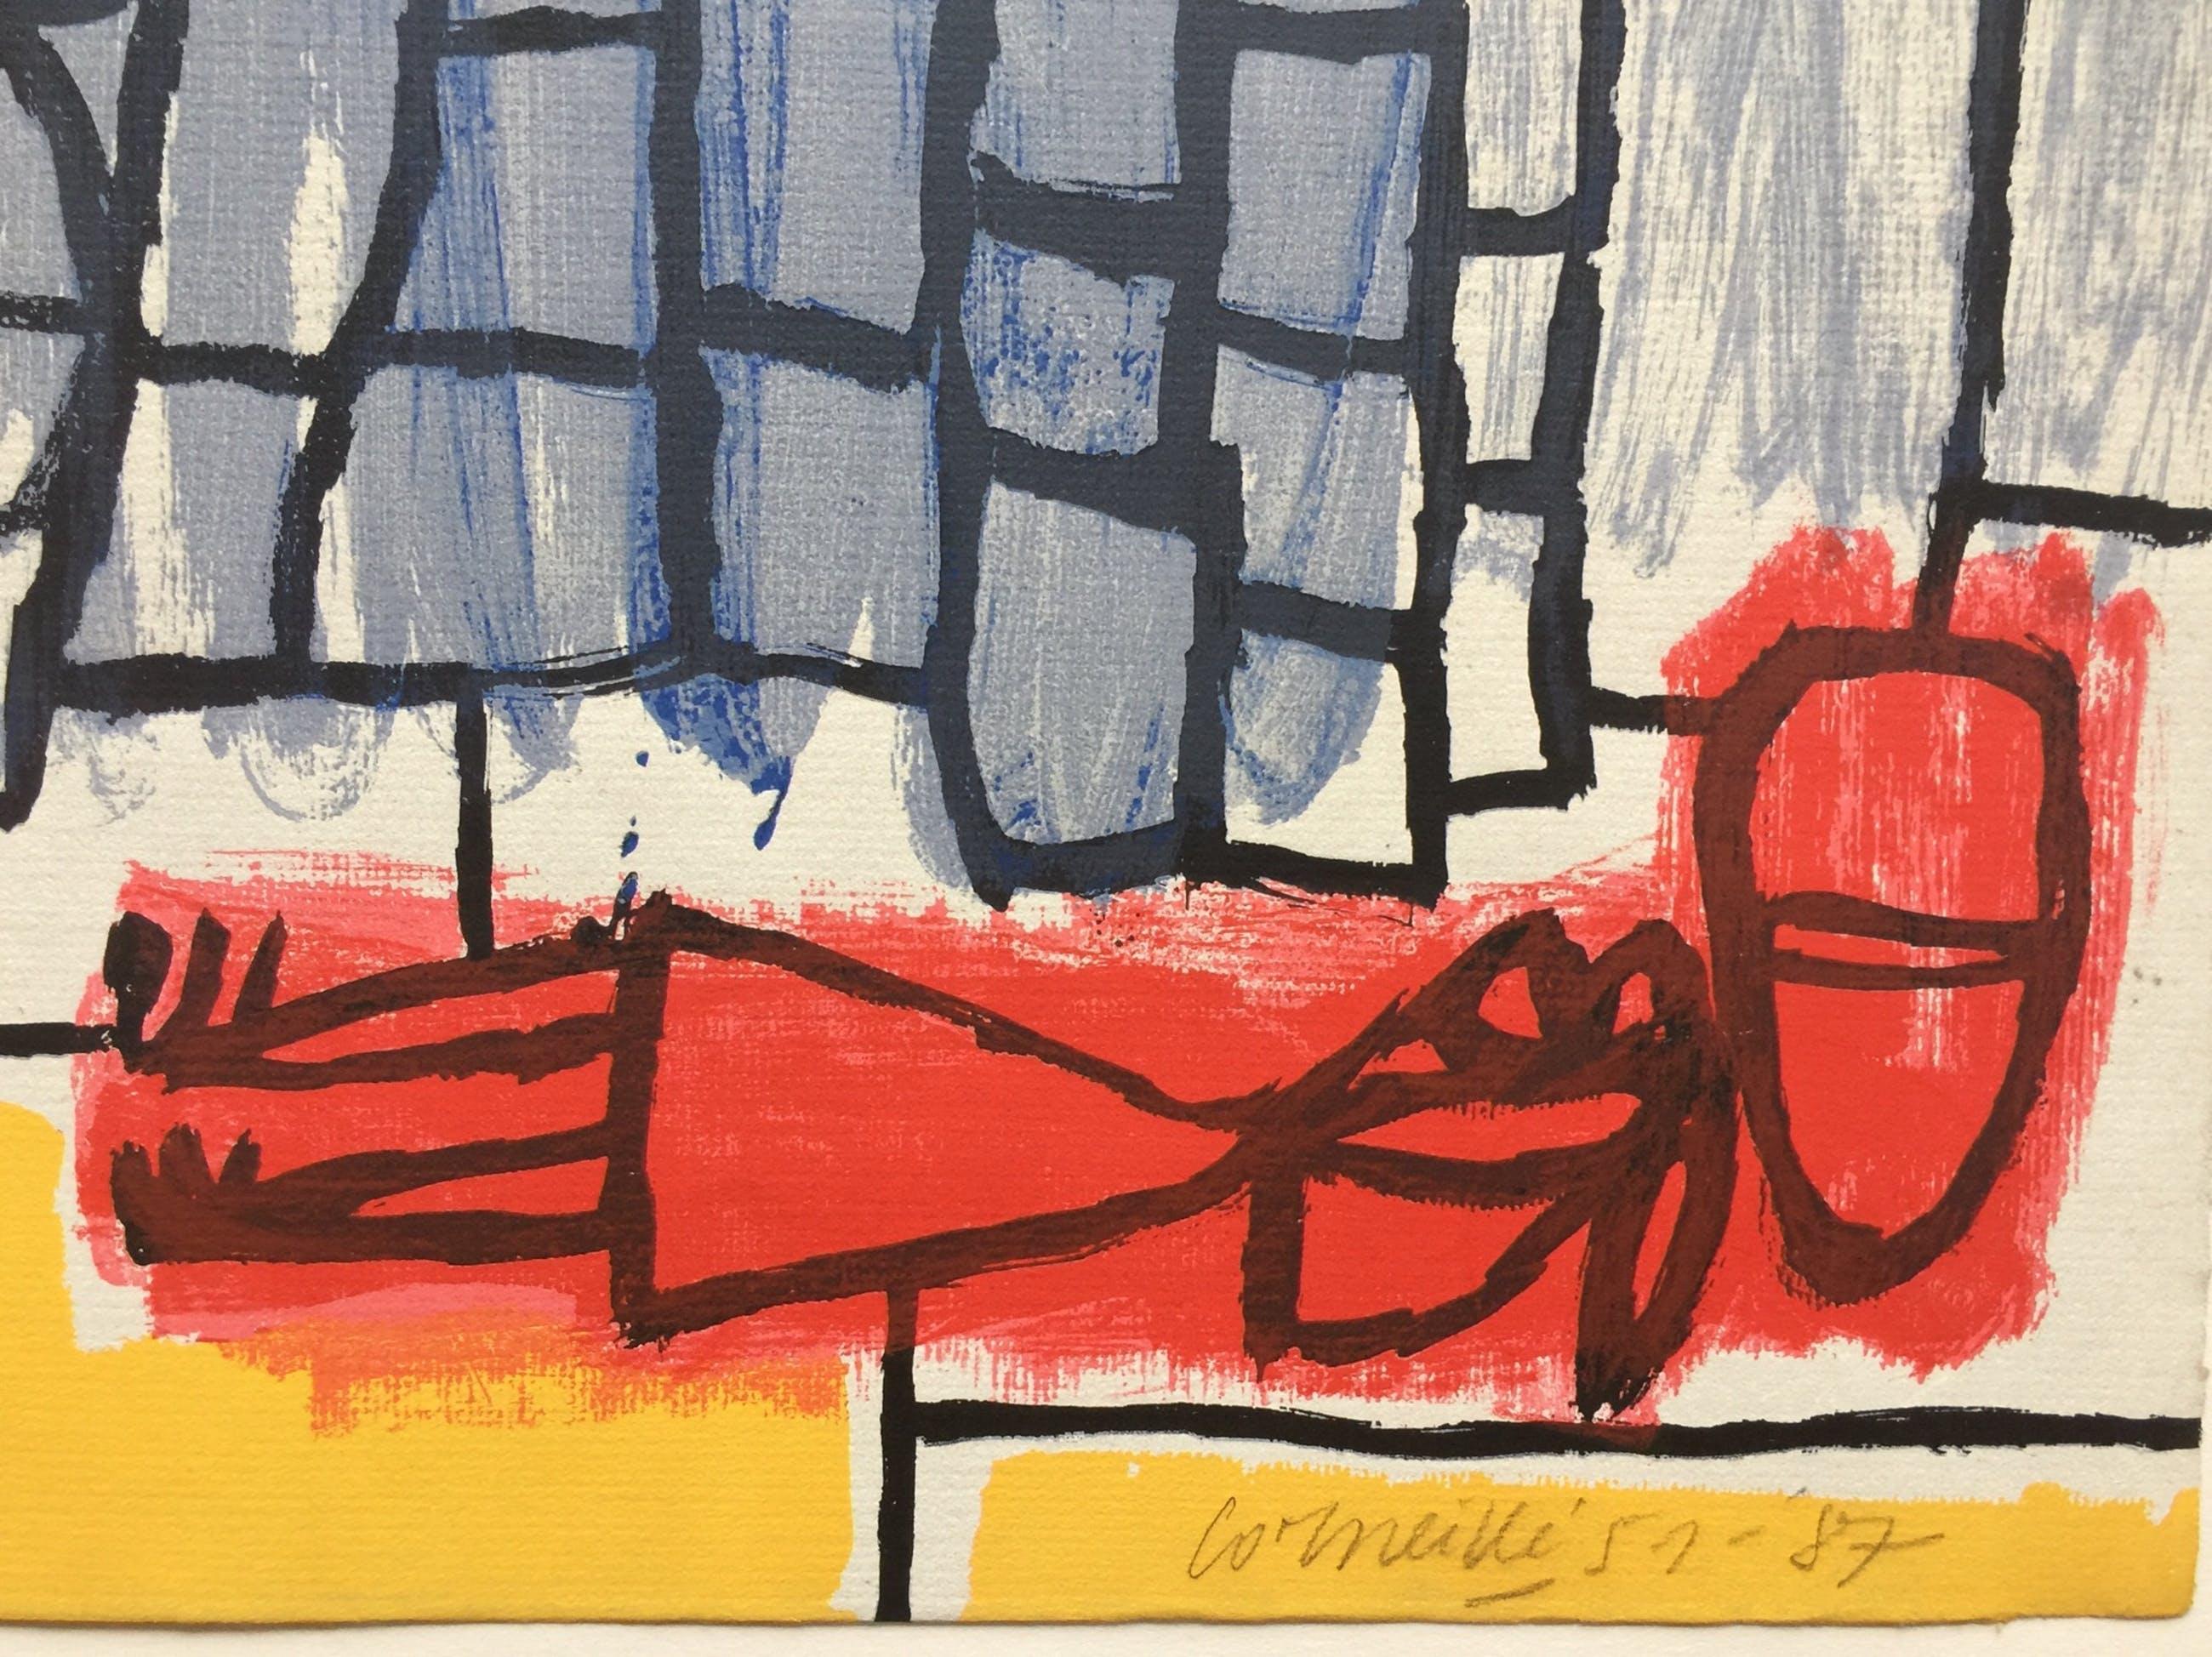 Corneille - zeefdruk in CoBrA-stijl - 1951/1987 kopen? Bied vanaf 265!